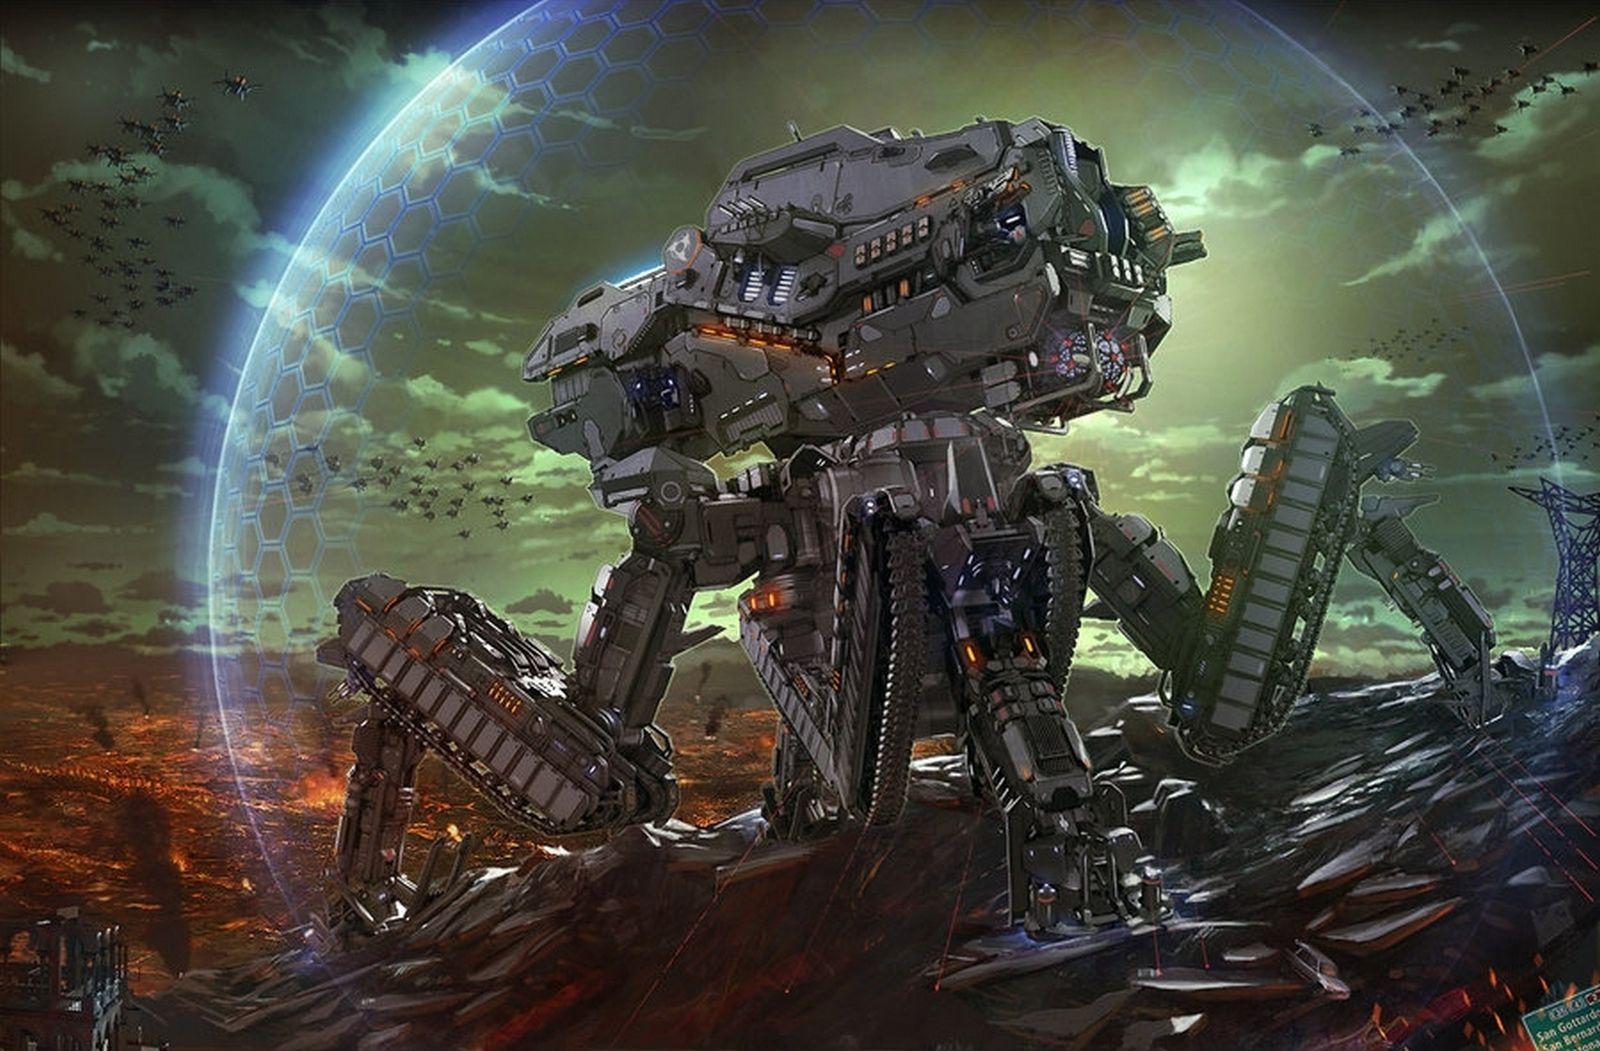 robot science fiction concept - photo #6